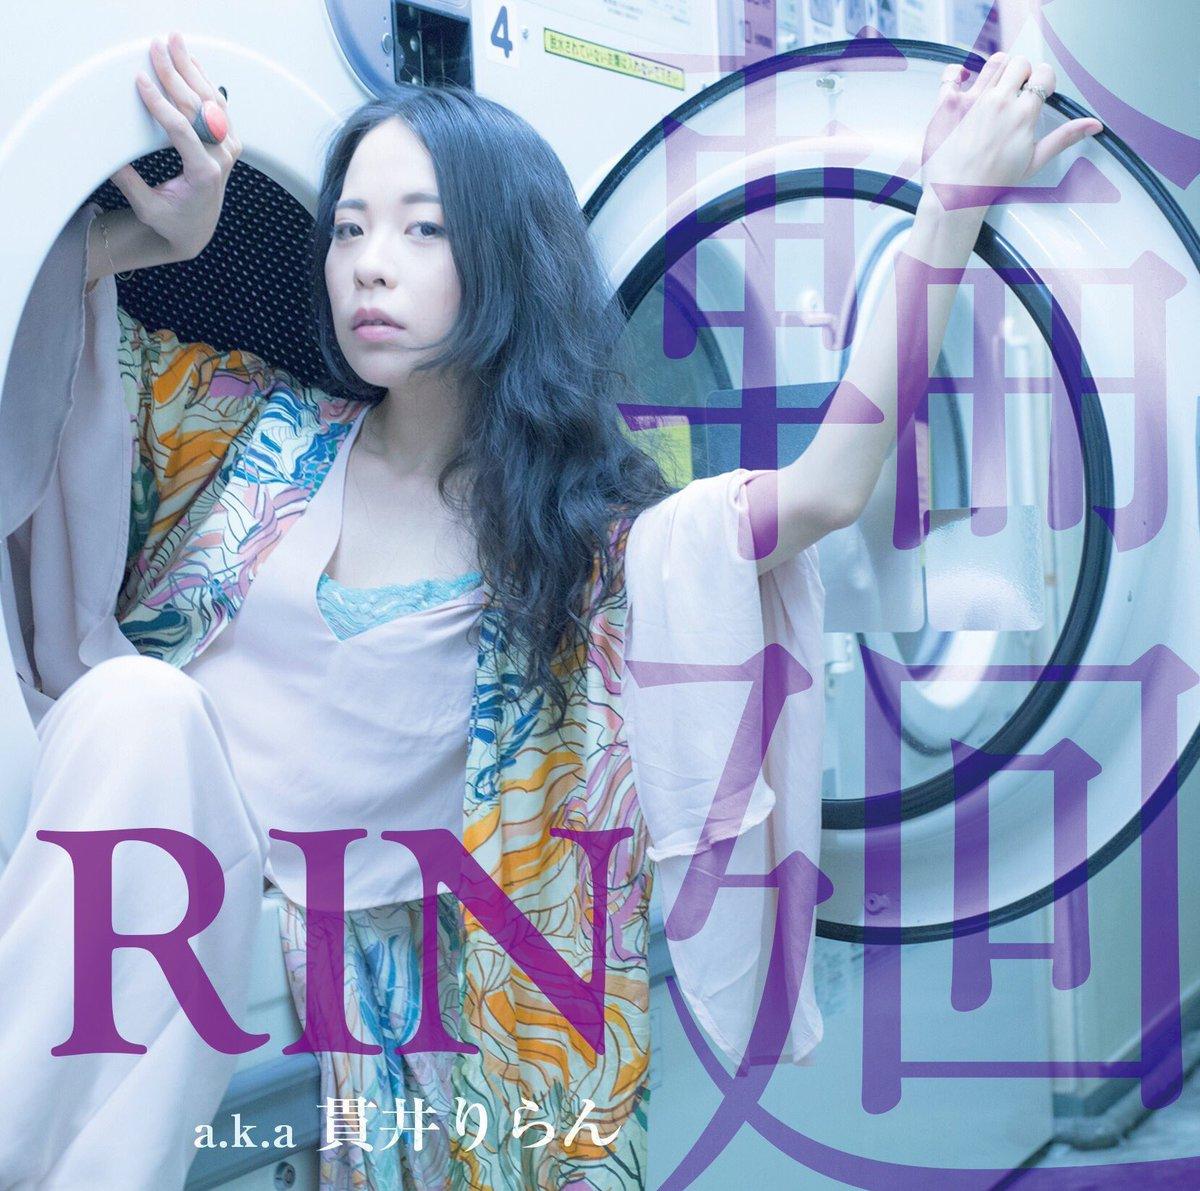 フィメールラッパー RINの初全国アルバムにKEN THE 390、輪入道ら参加